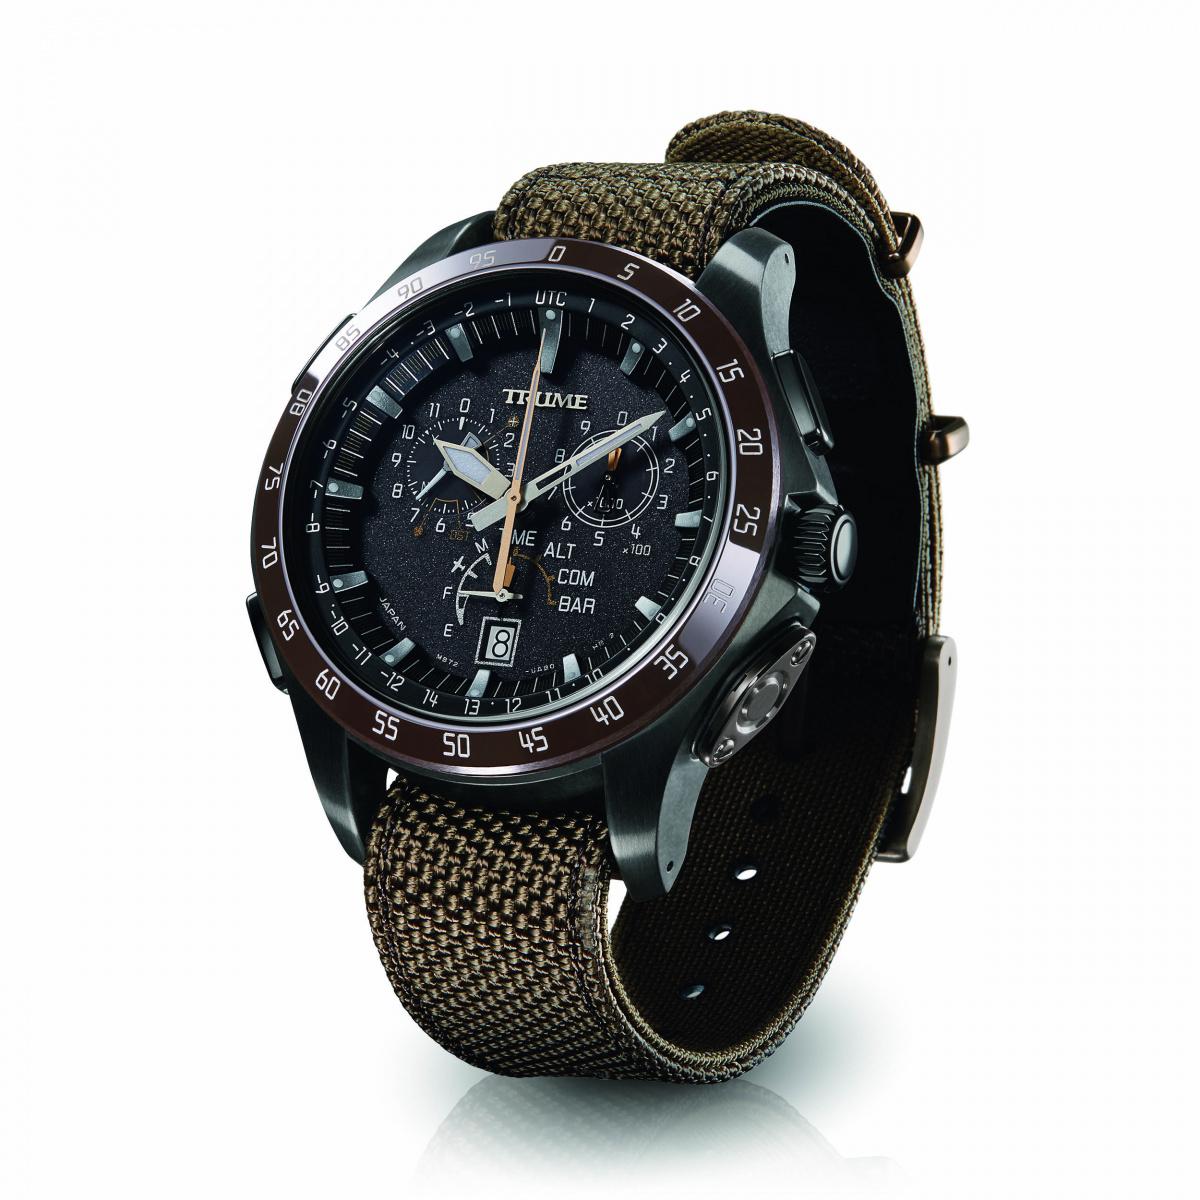 大自然と対峙する、 高機能なアナログ腕時計。